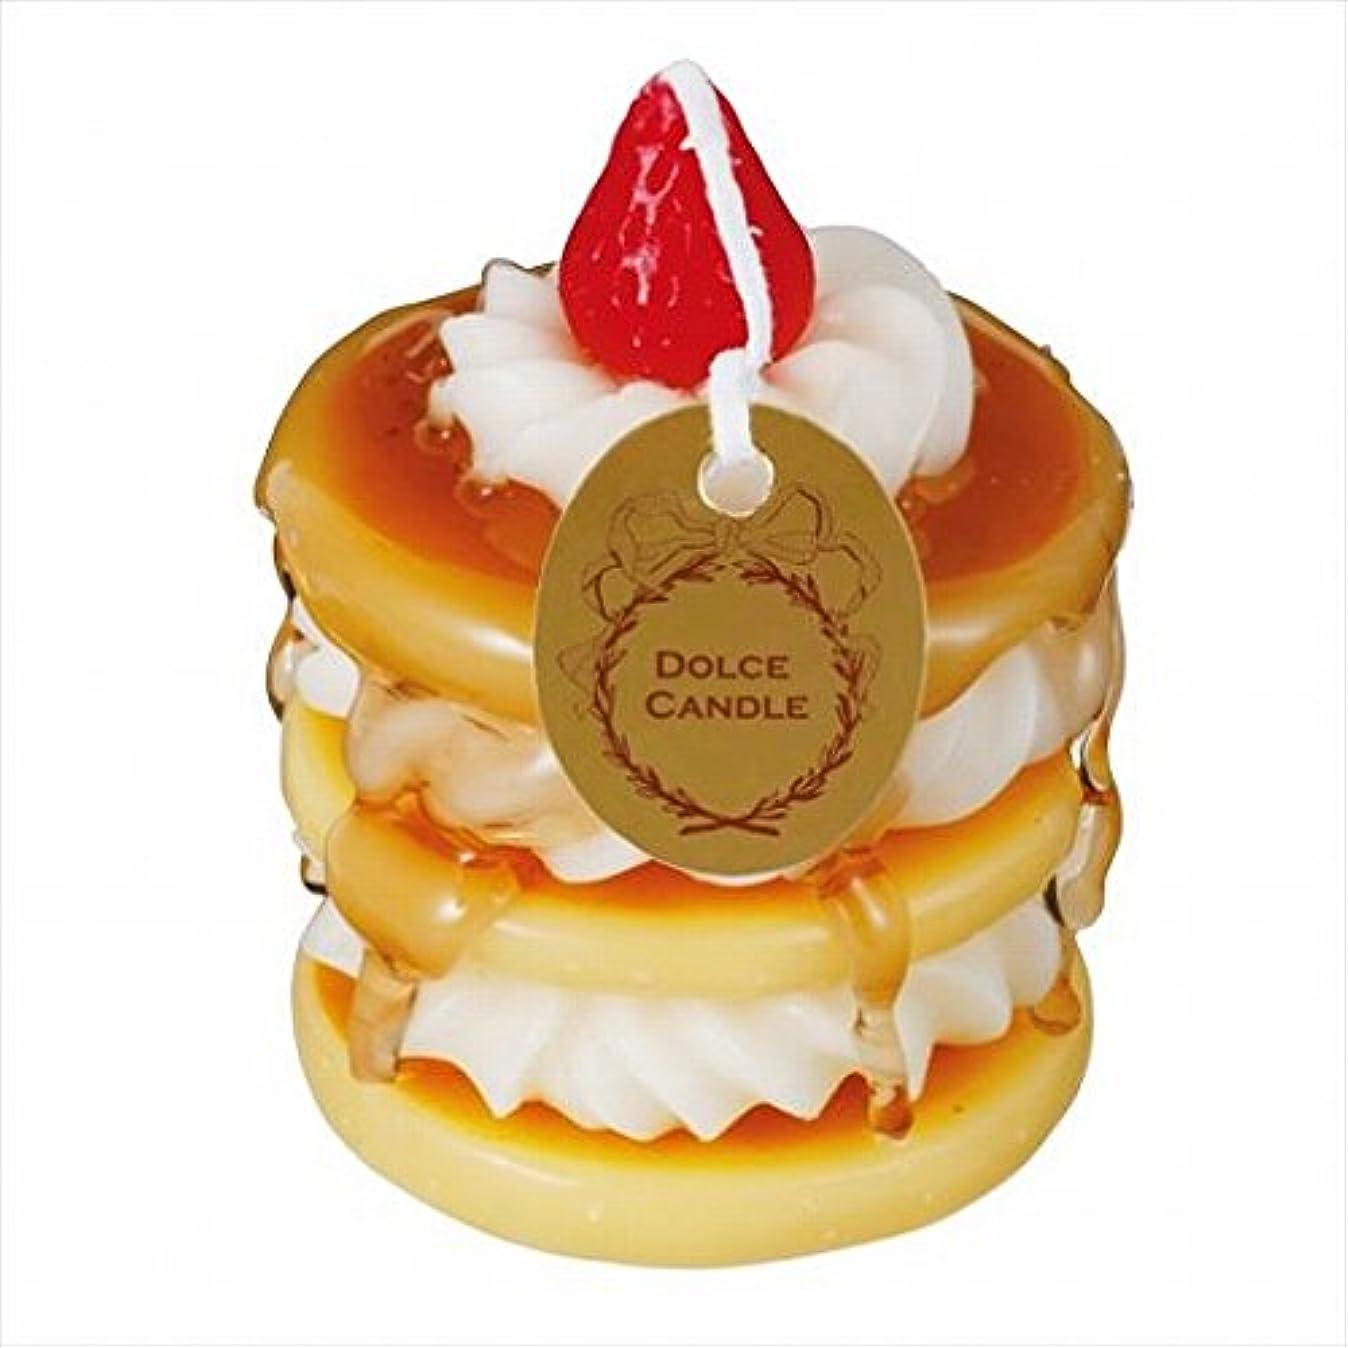 マティスそれらモンスタースイーツキャンドル( sweets candle ) ドルチェキャンドル 「 パンケーキ 」